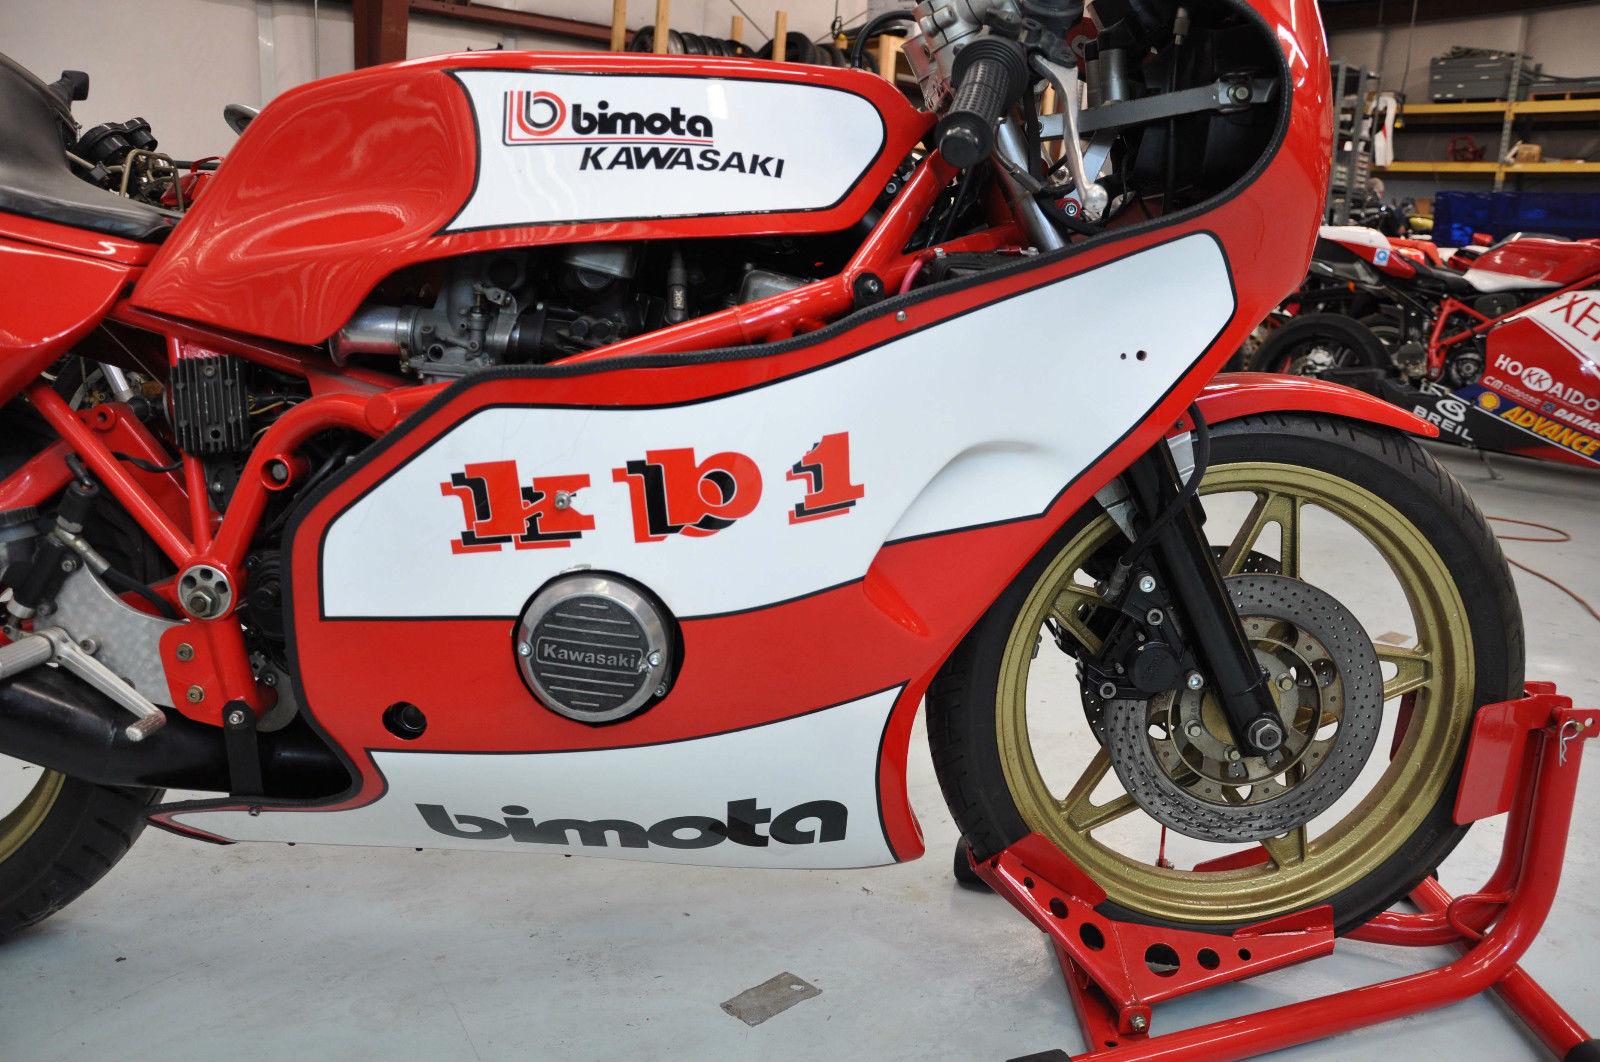 1980 bimota kb1 | bike-urious